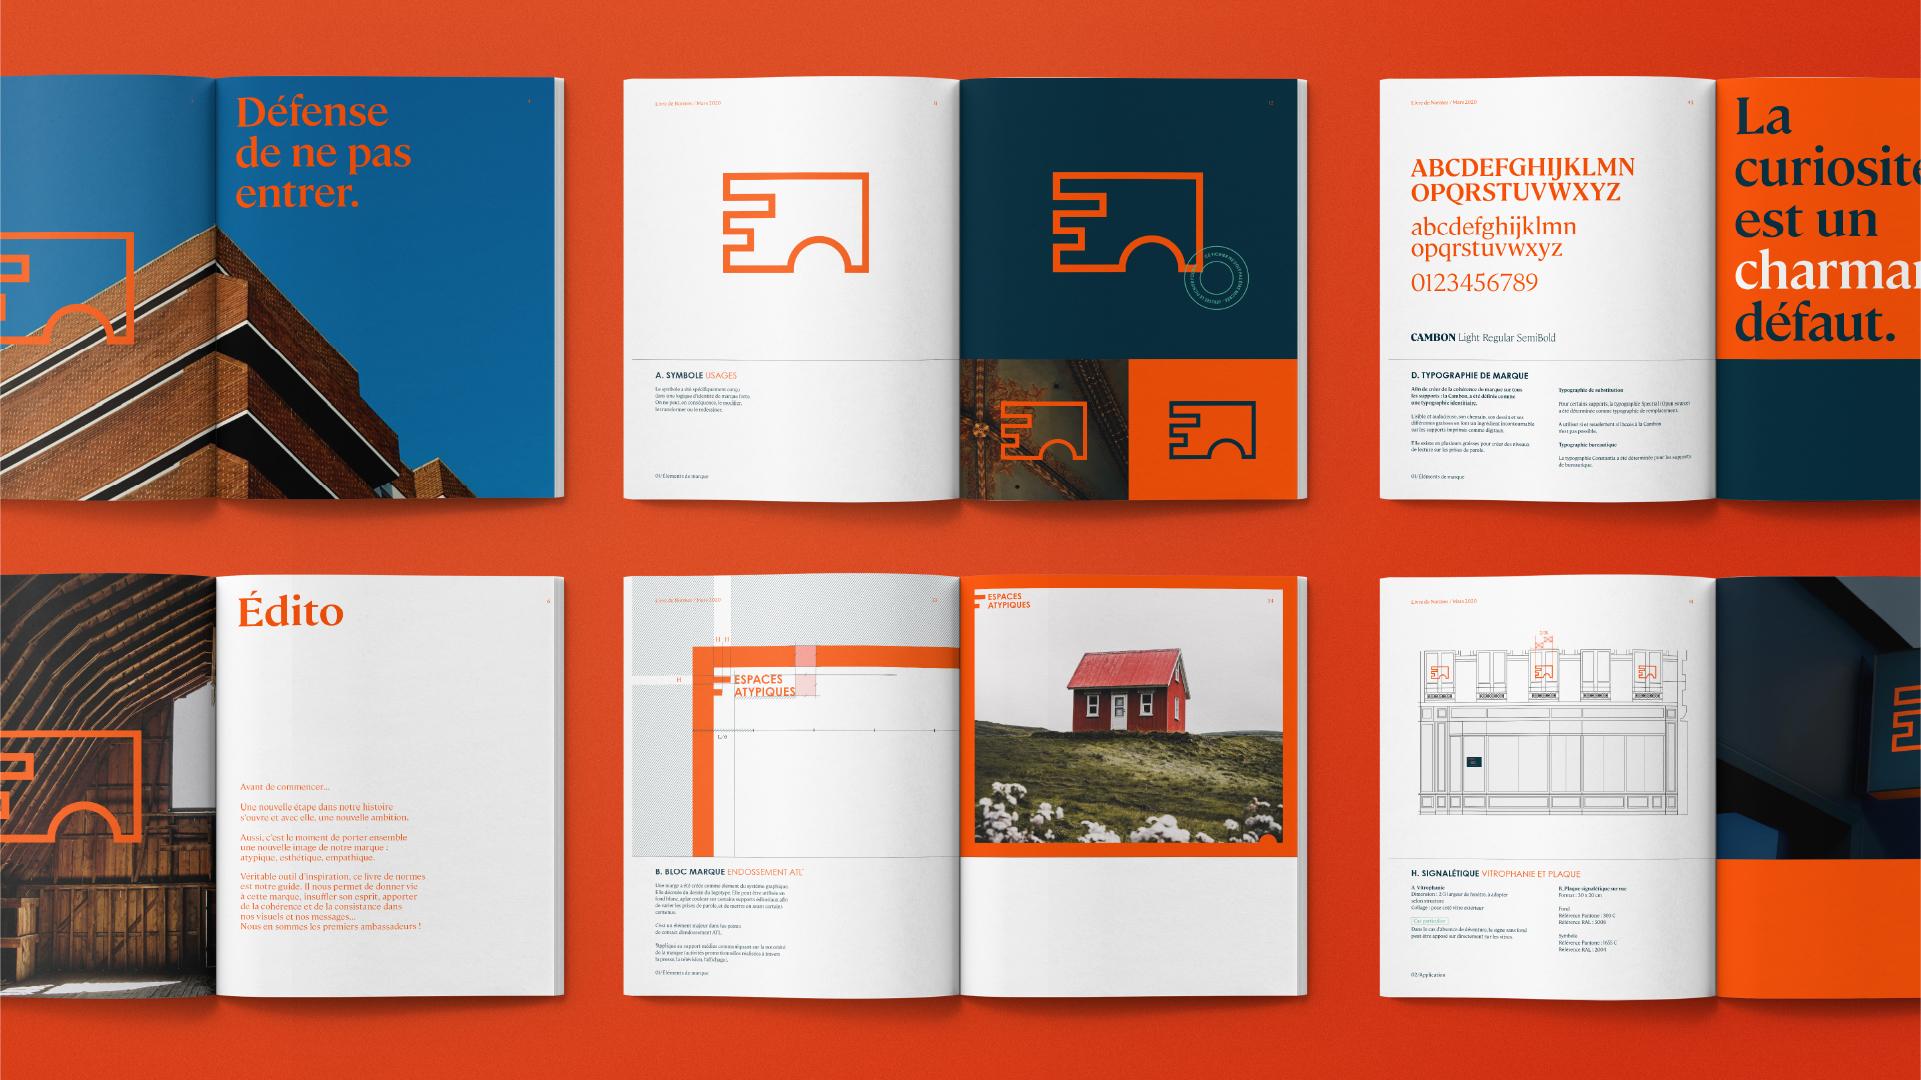 Dernier écran montrant le livre de marque Espaces Atypiques, avec les guidelines et bonnes pratiques pour utiliser l'identité